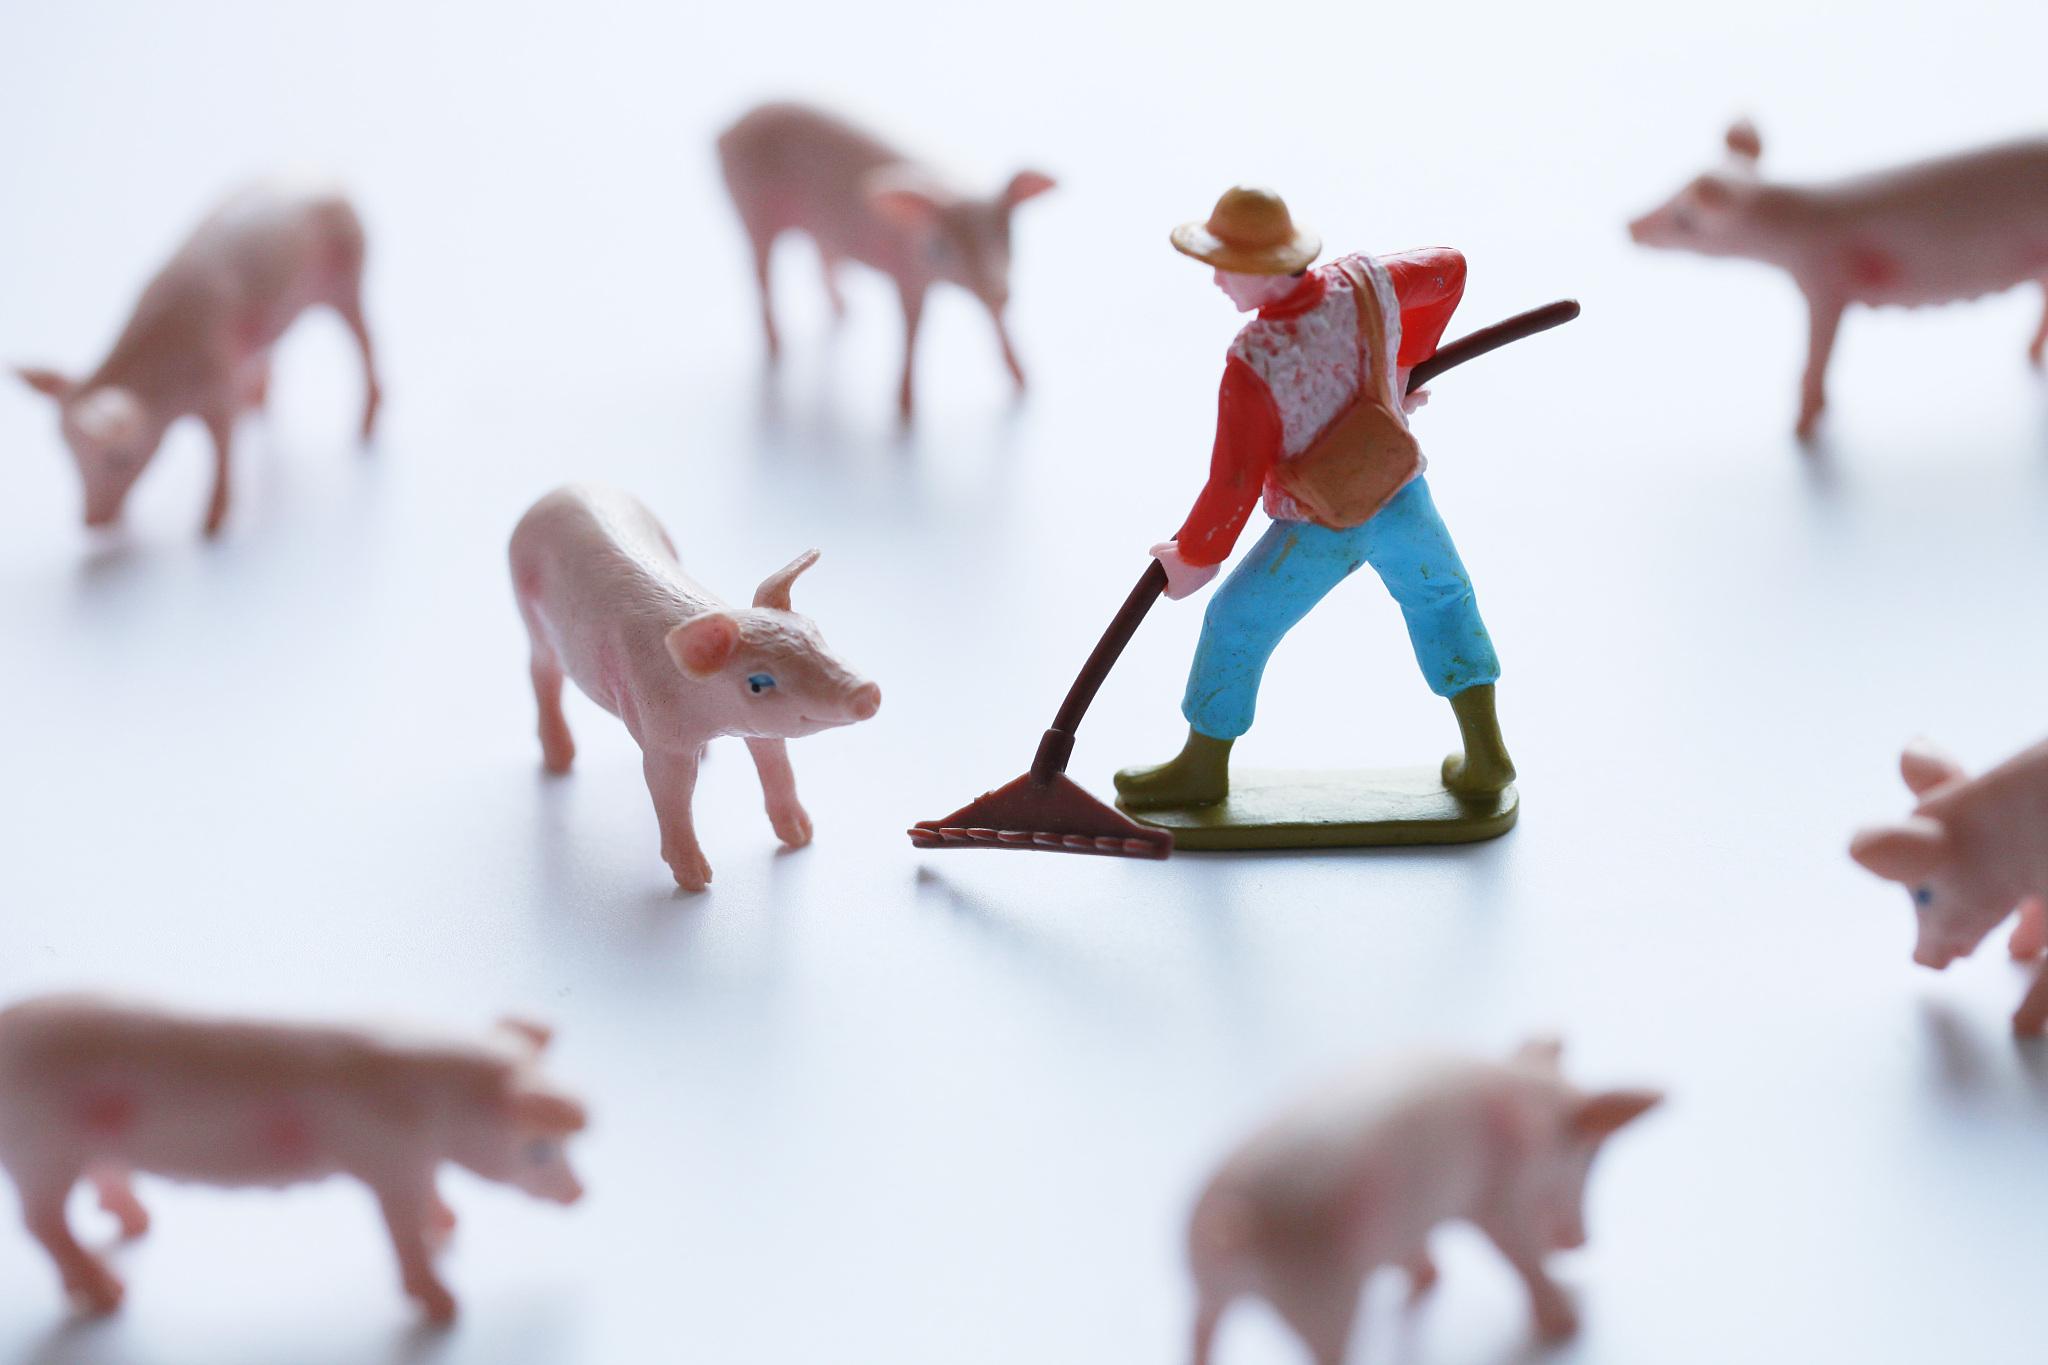 农业农村部:灾害致局部地区畜牧业损失很重 对全国畜产品生产影响有限